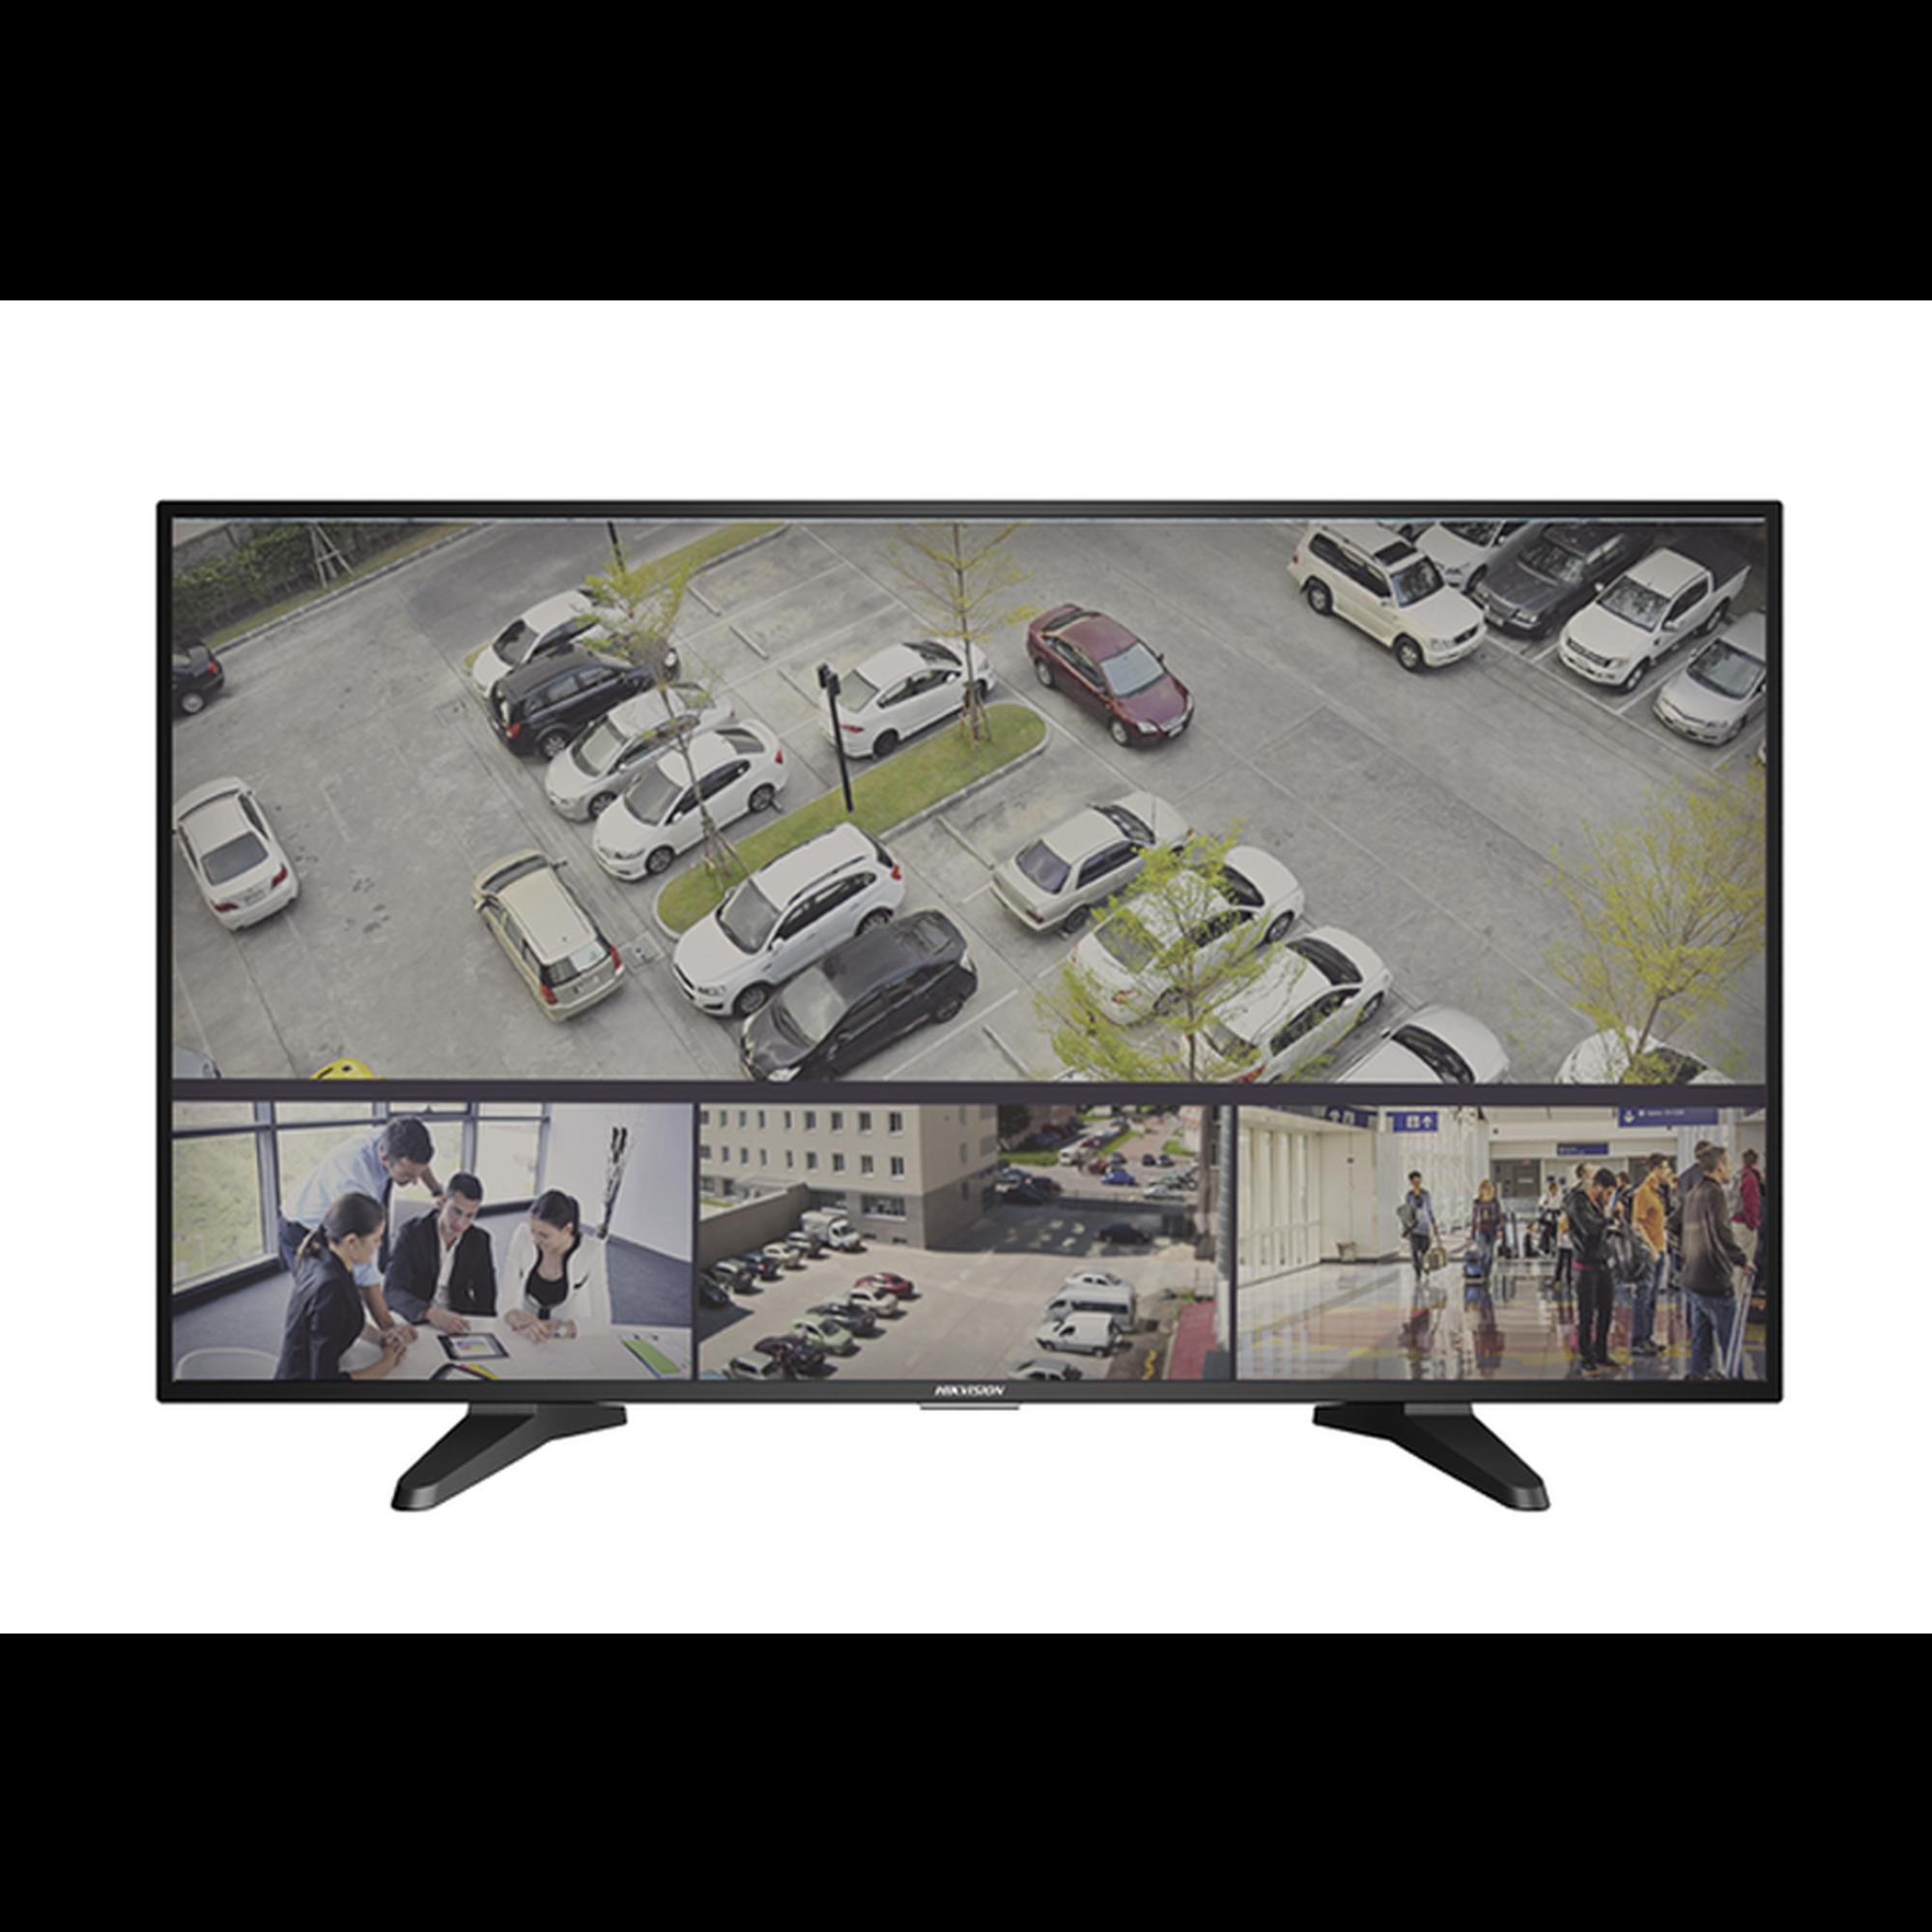 Monitor LED Full HD de 32 / Ideal para Oficina y Hogar/ Uso 24-7 / Entrada HDMI-VGA / Compatible con Montaje VESA